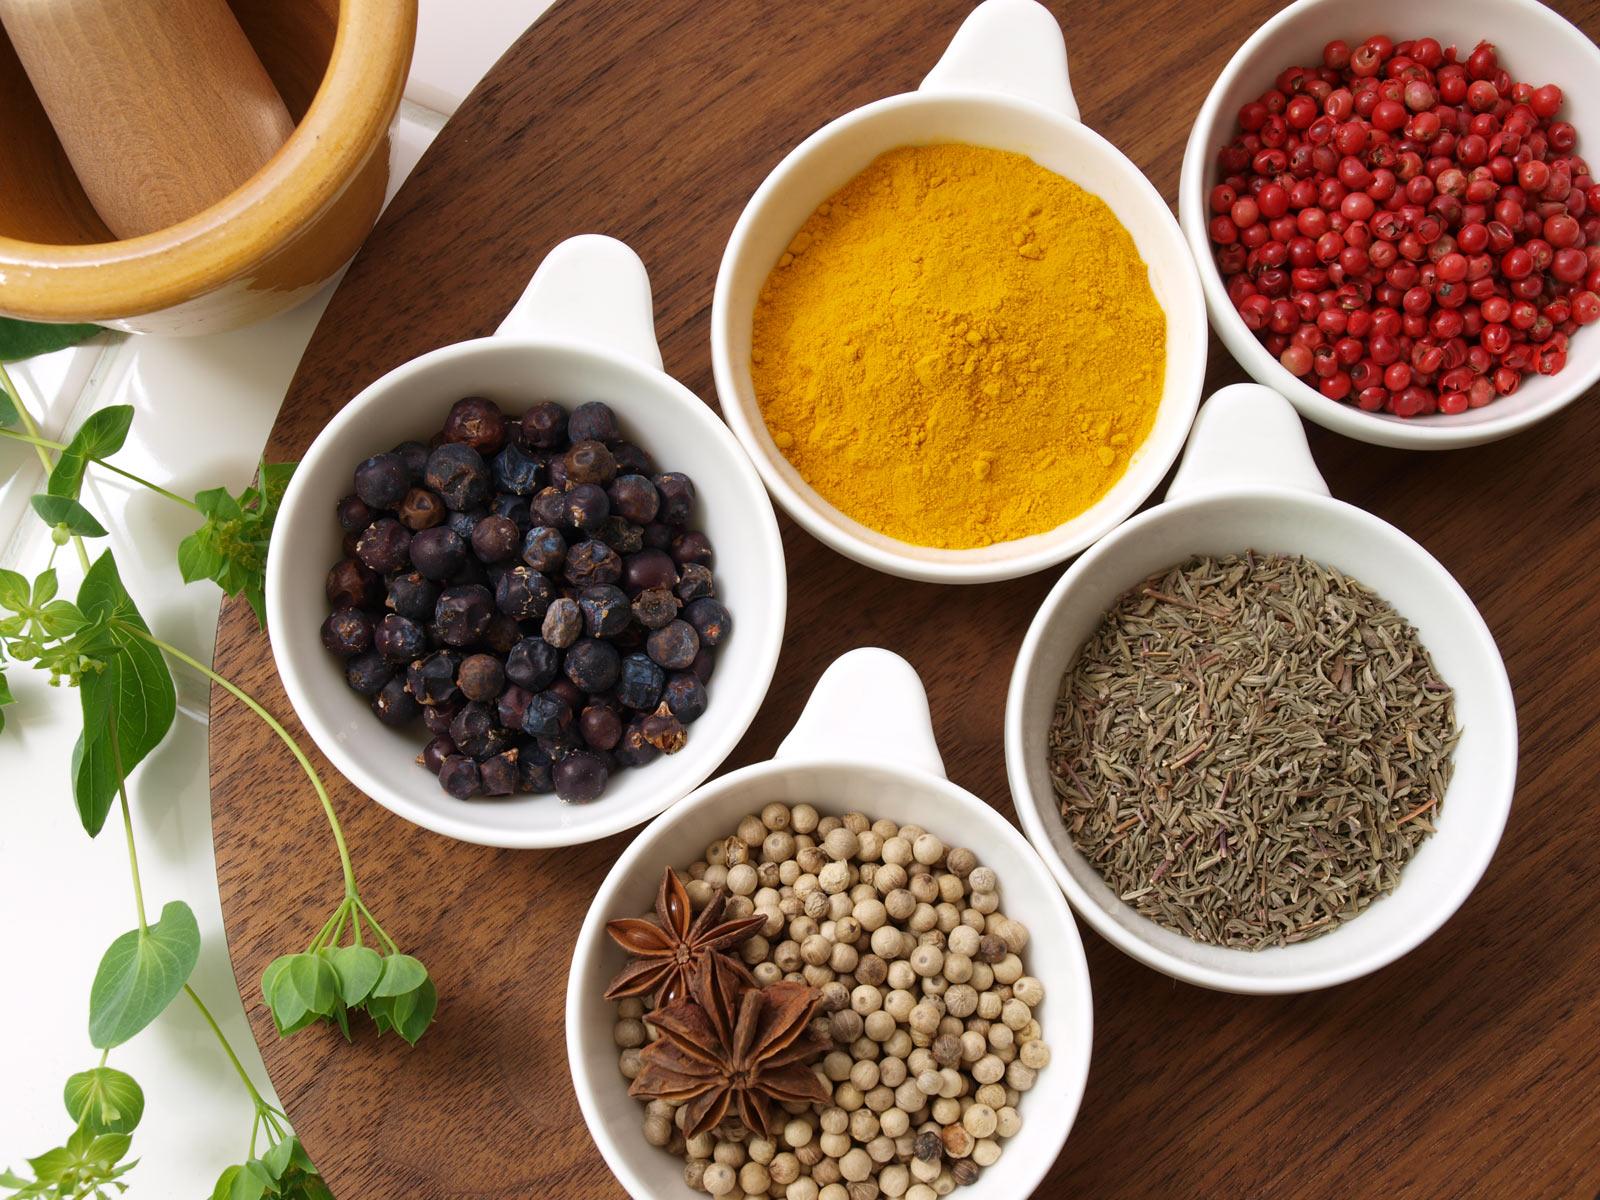 Wij hebben vrijwel alle soorten kruiden die u nodig zou kunnen hebben. Een breed assortiment en ruim de keuze.